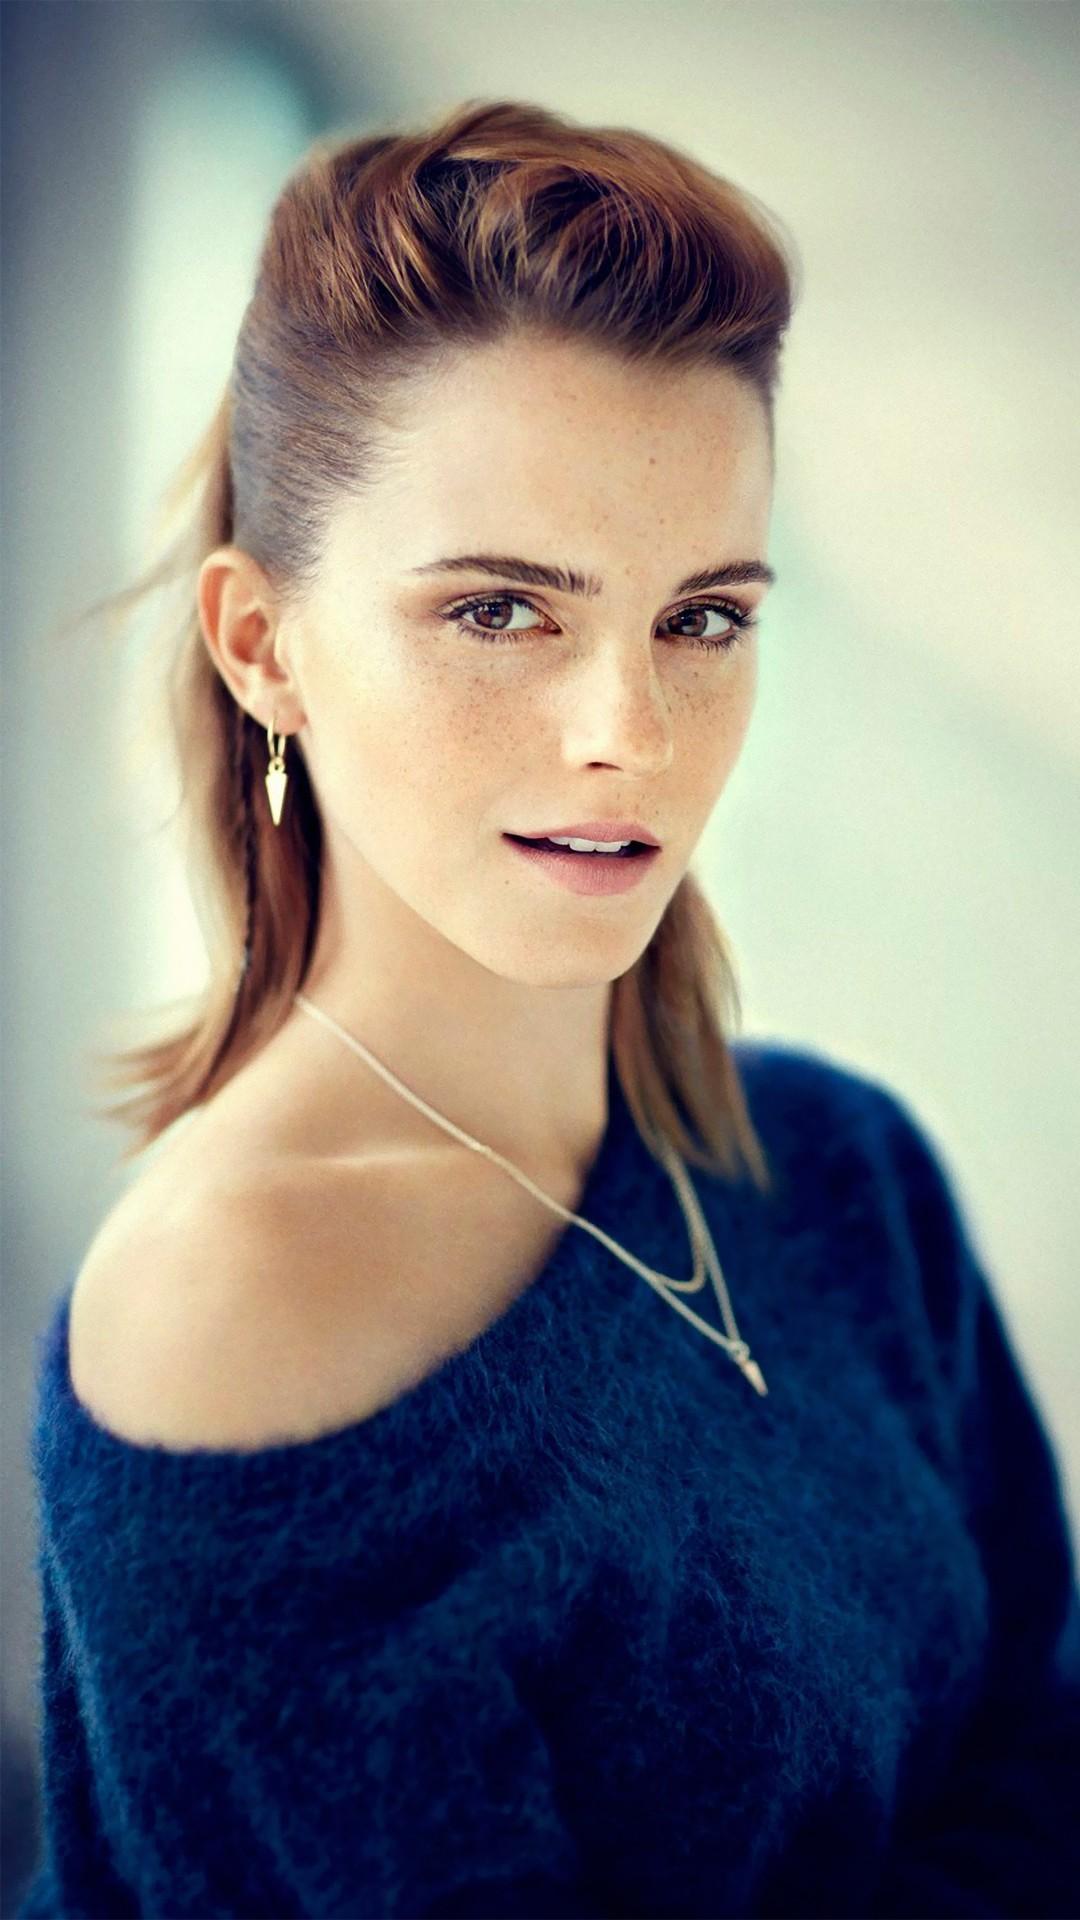 Emma Watson beauty 1080x1920 wallpaper - Best htc one wallpapers